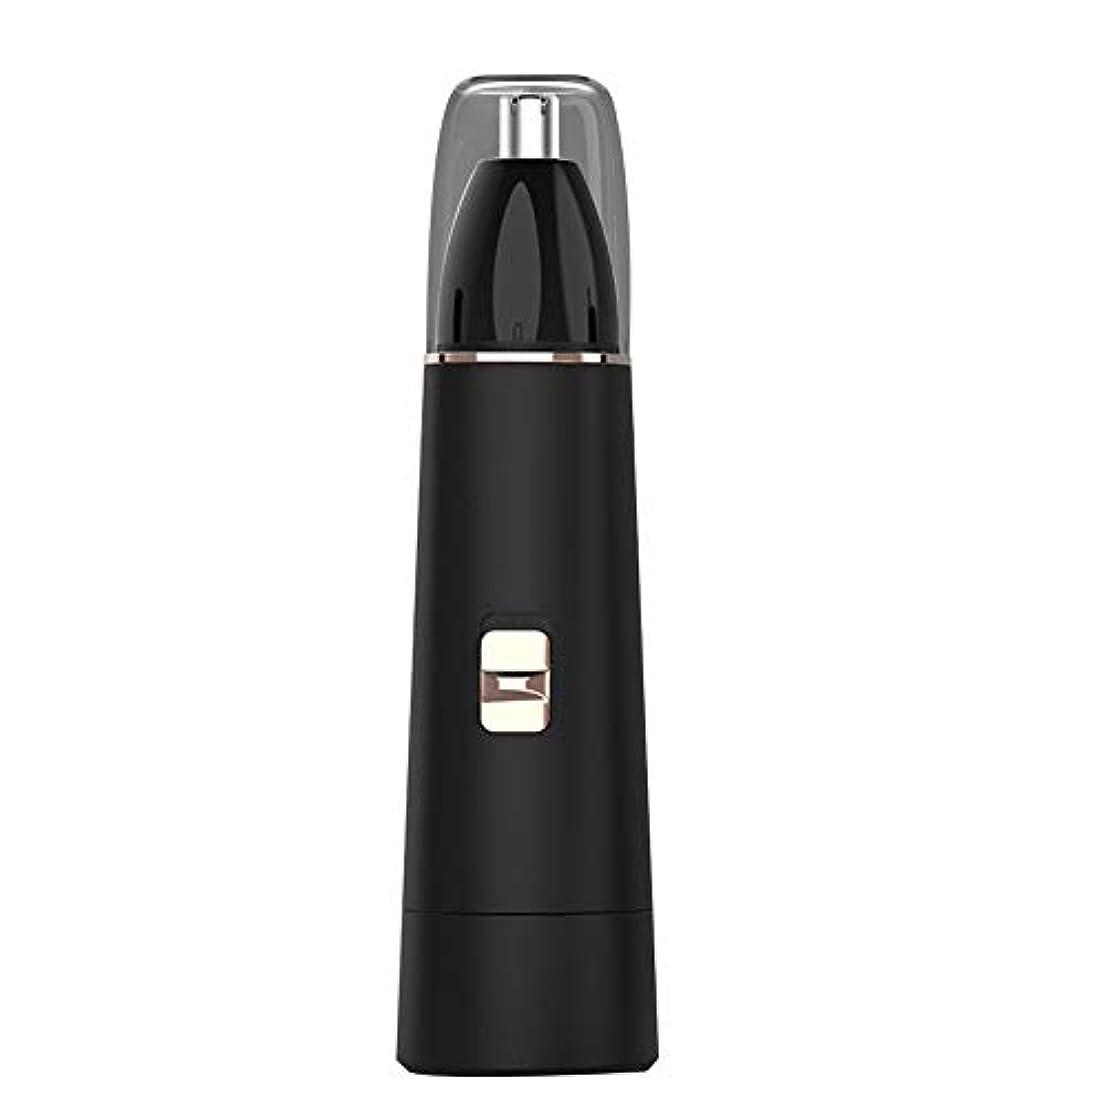 しおれた落ち込んでいる沼地鼻毛トリマー-USB充電式電動鼻毛トリマー/ABS素材/多機能 お手入れが簡単